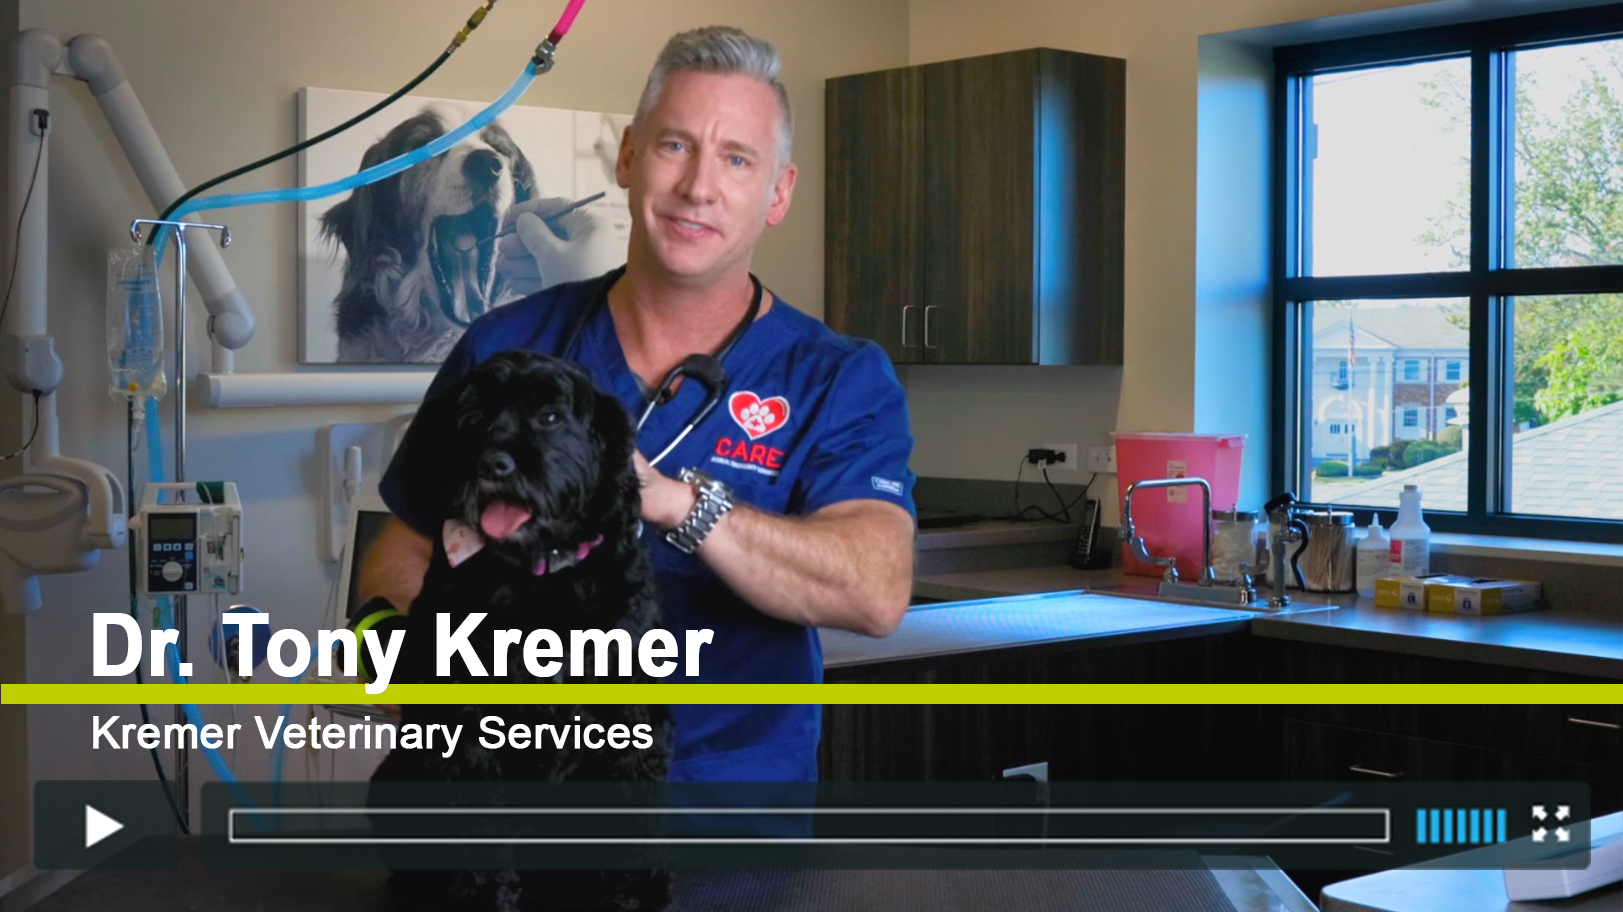 Dr Tony Kremer Presents the Dog Med Laser